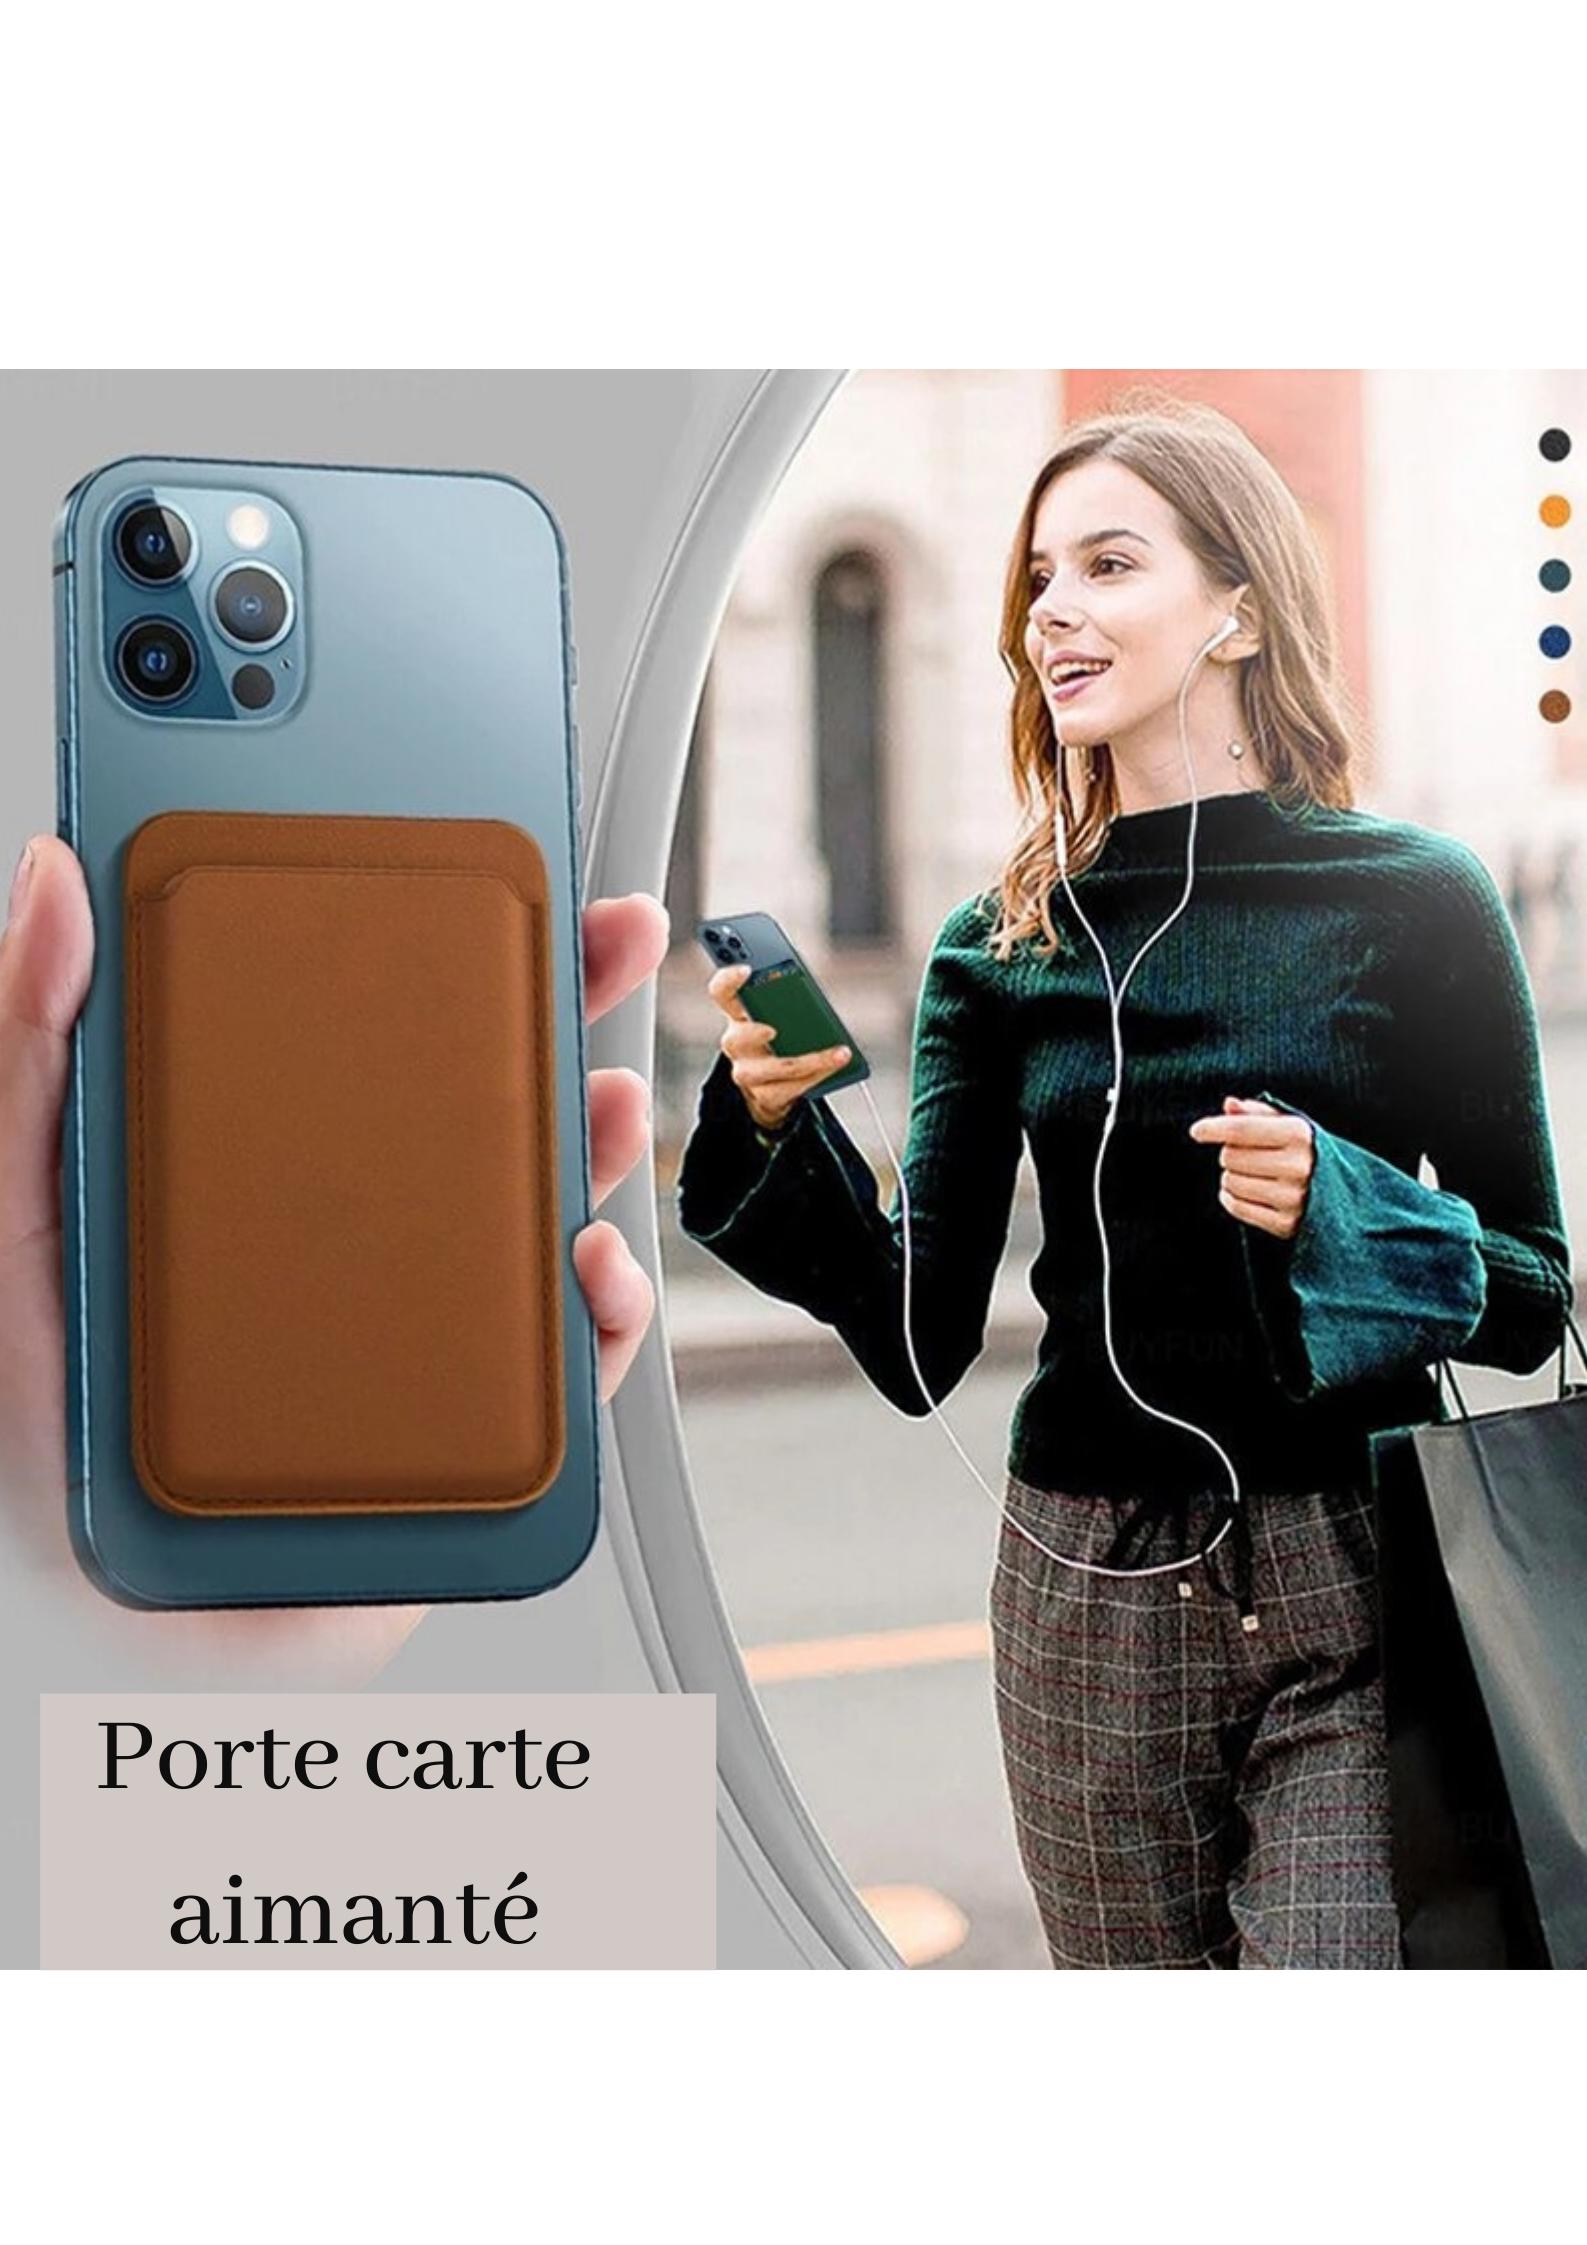 Femme avec porte carte